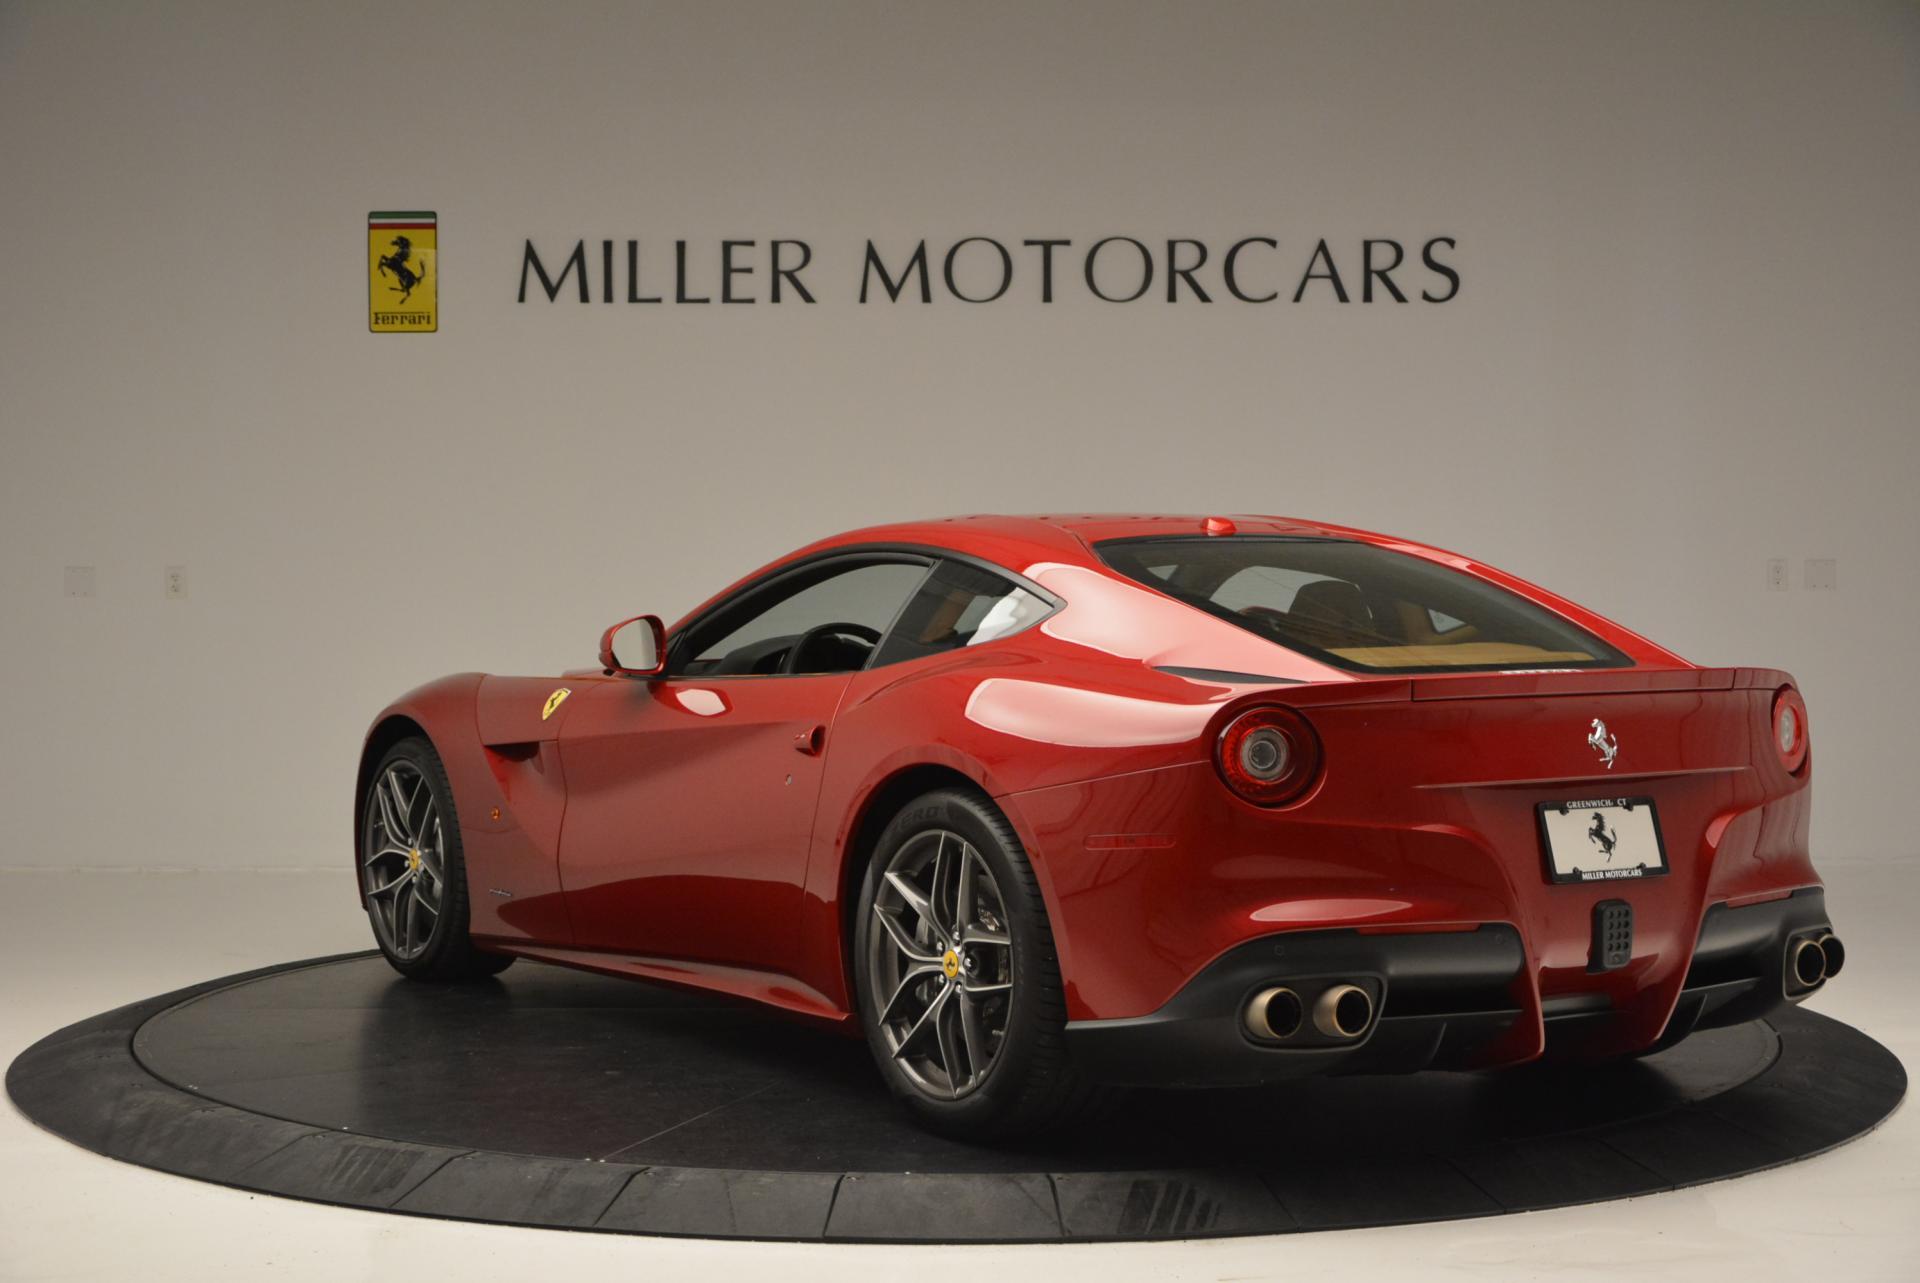 Used 2014 Ferrari F12 Berlinetta  For Sale In Greenwich, CT. Alfa Romeo of Greenwich, 4393 149_p5